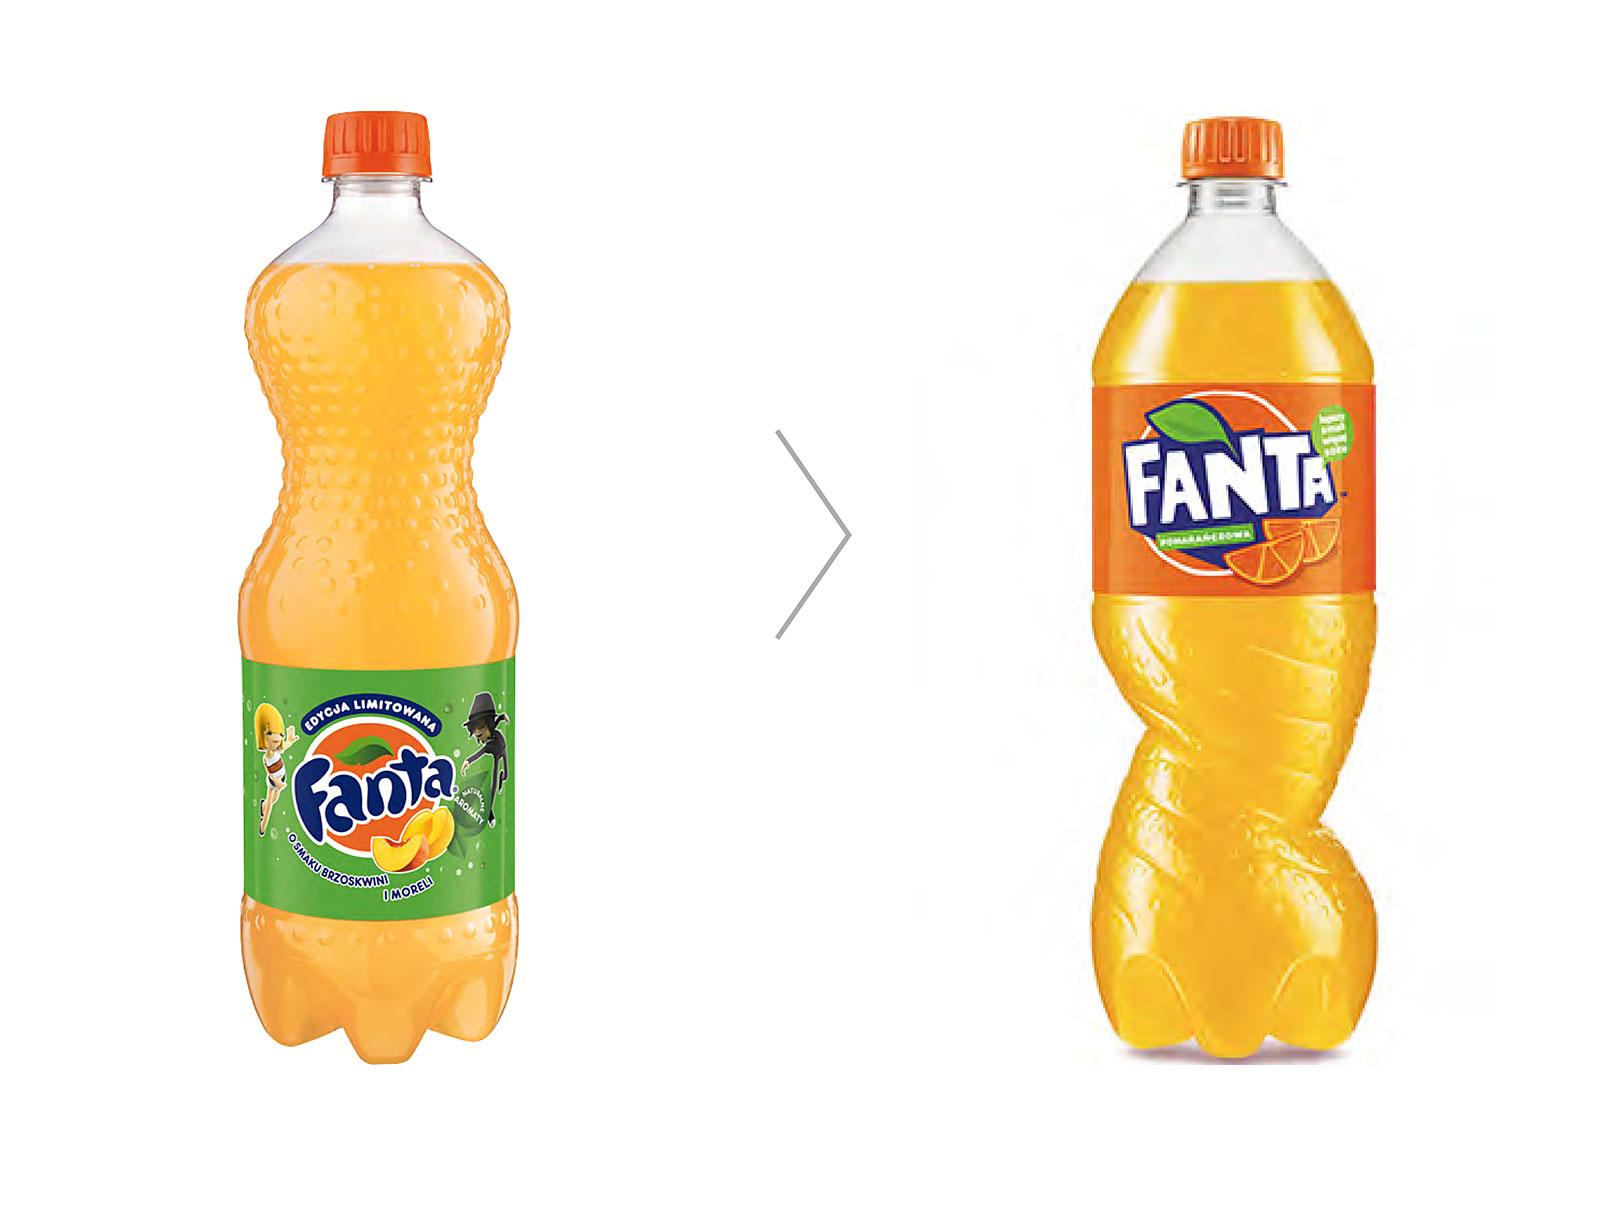 fanta rebranding 2